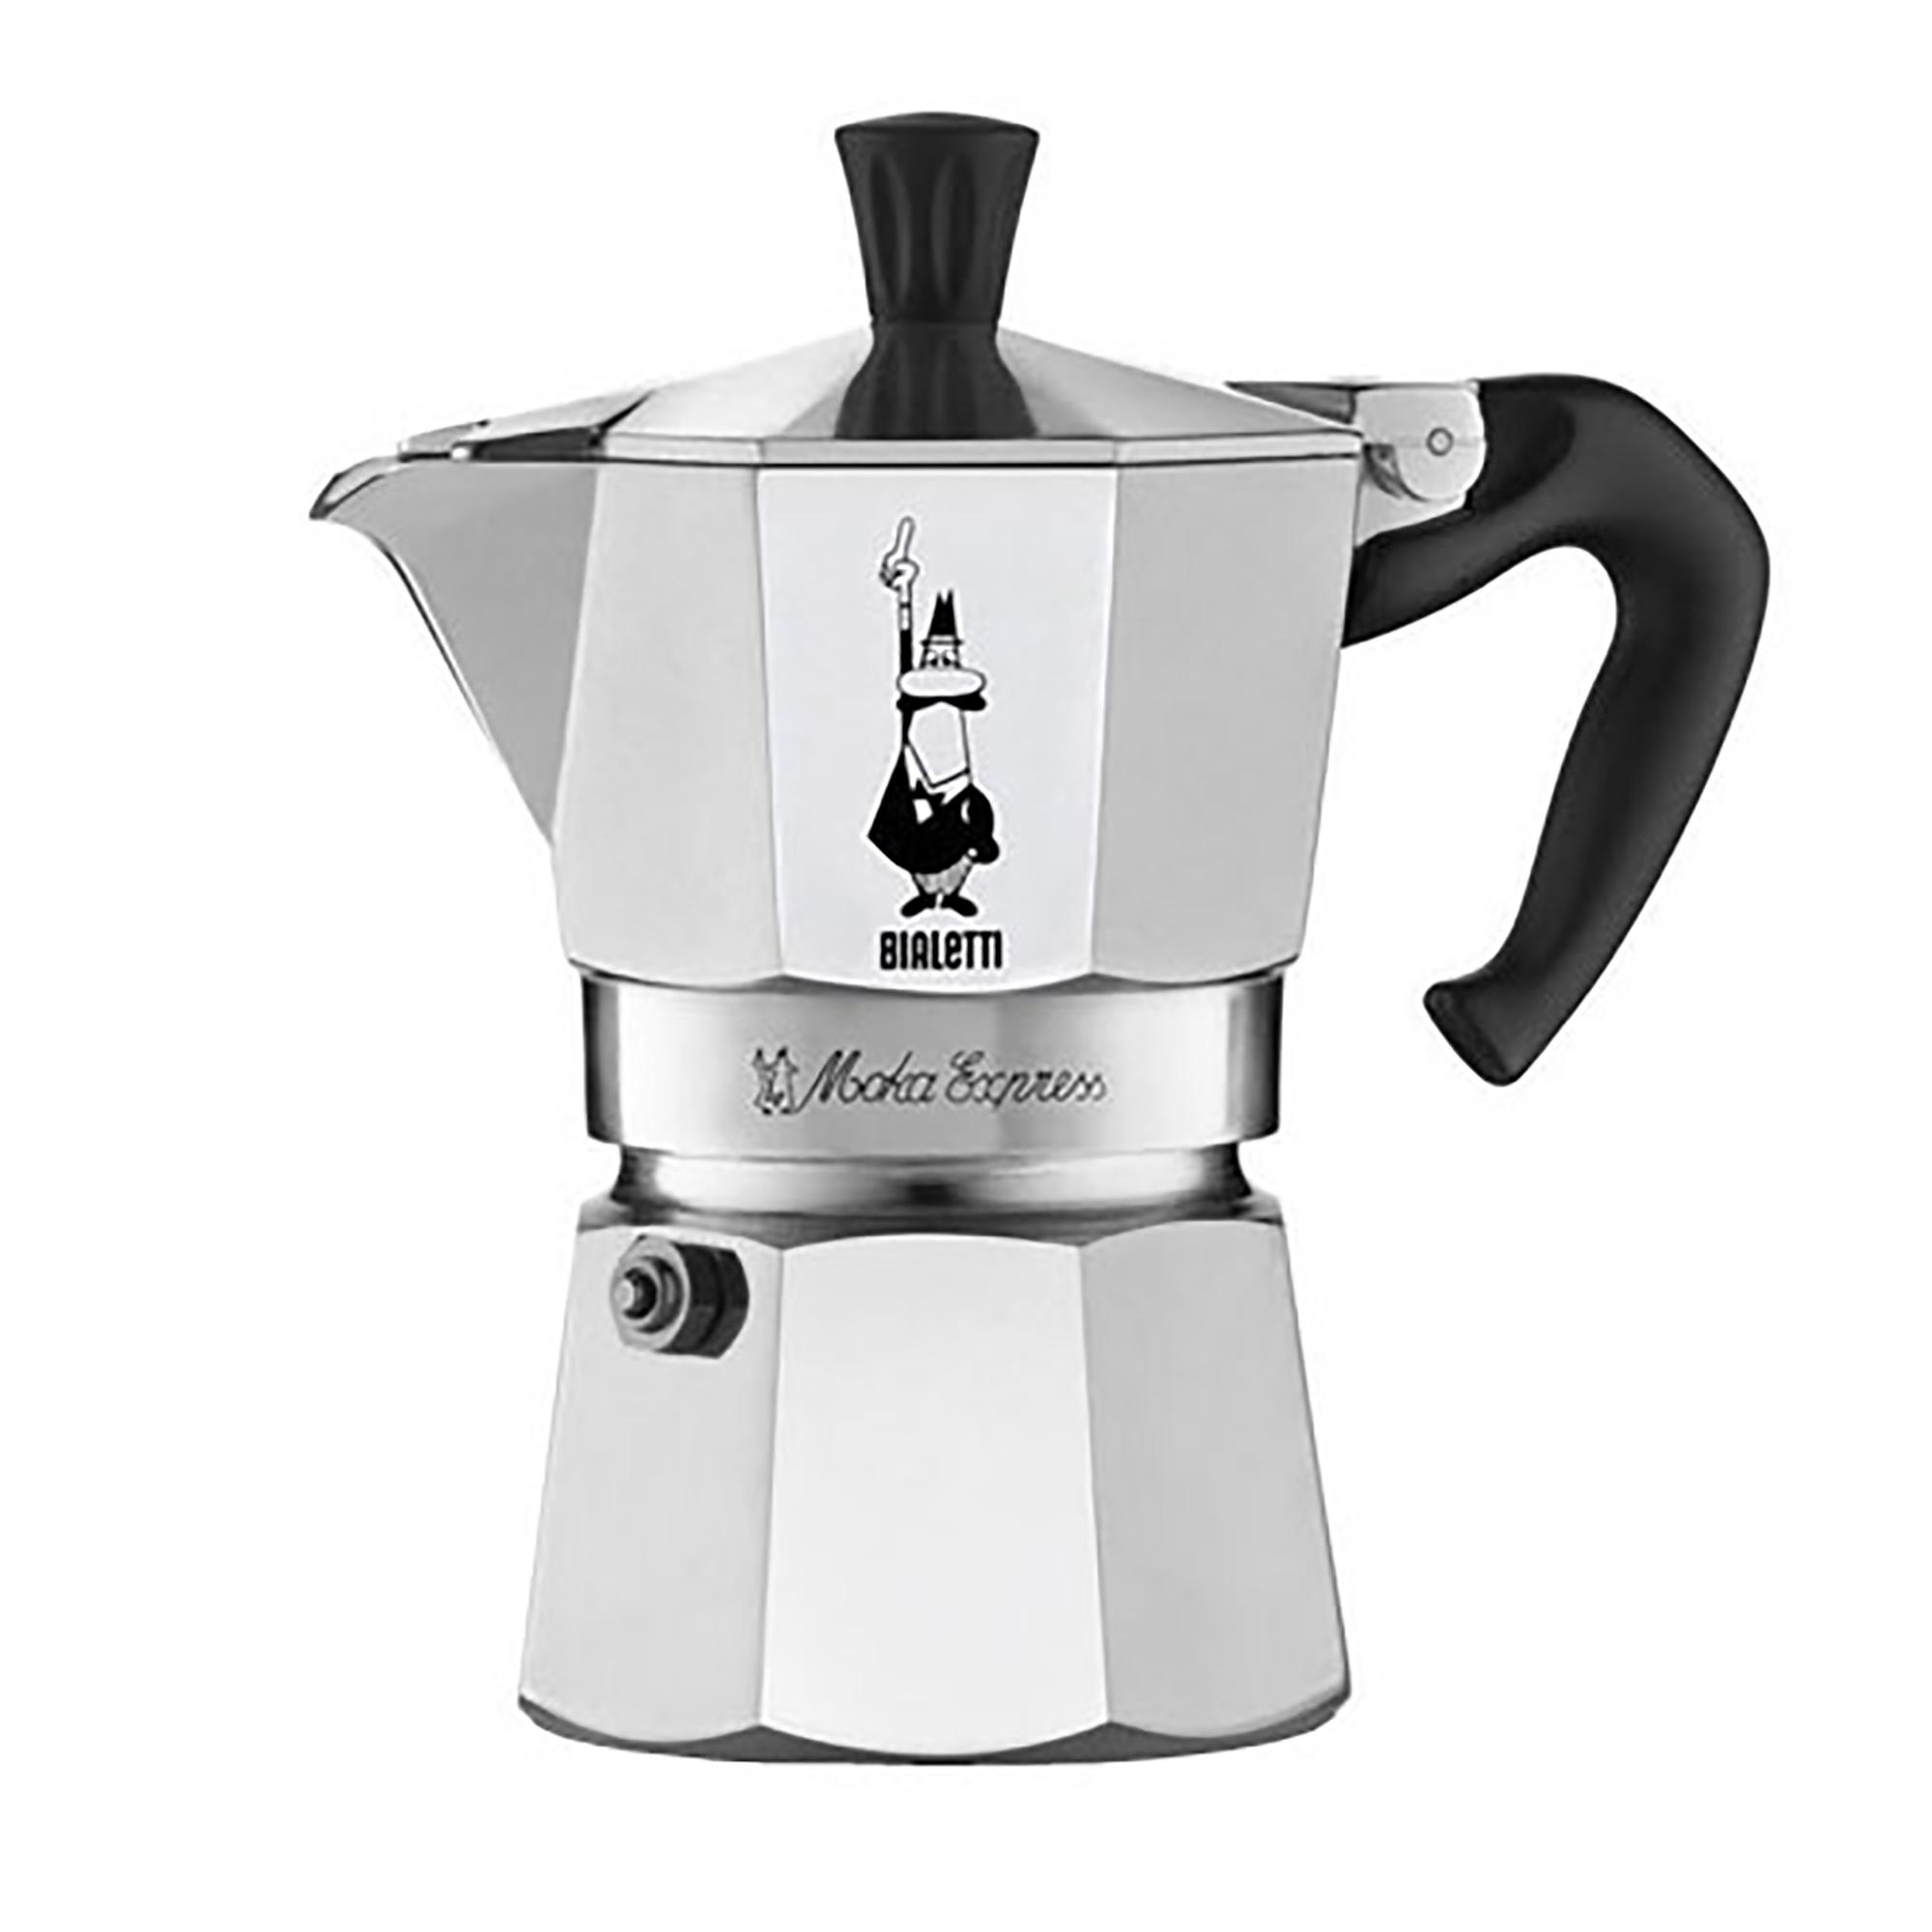 Billede af Moka Express espressokande - 3 kopper